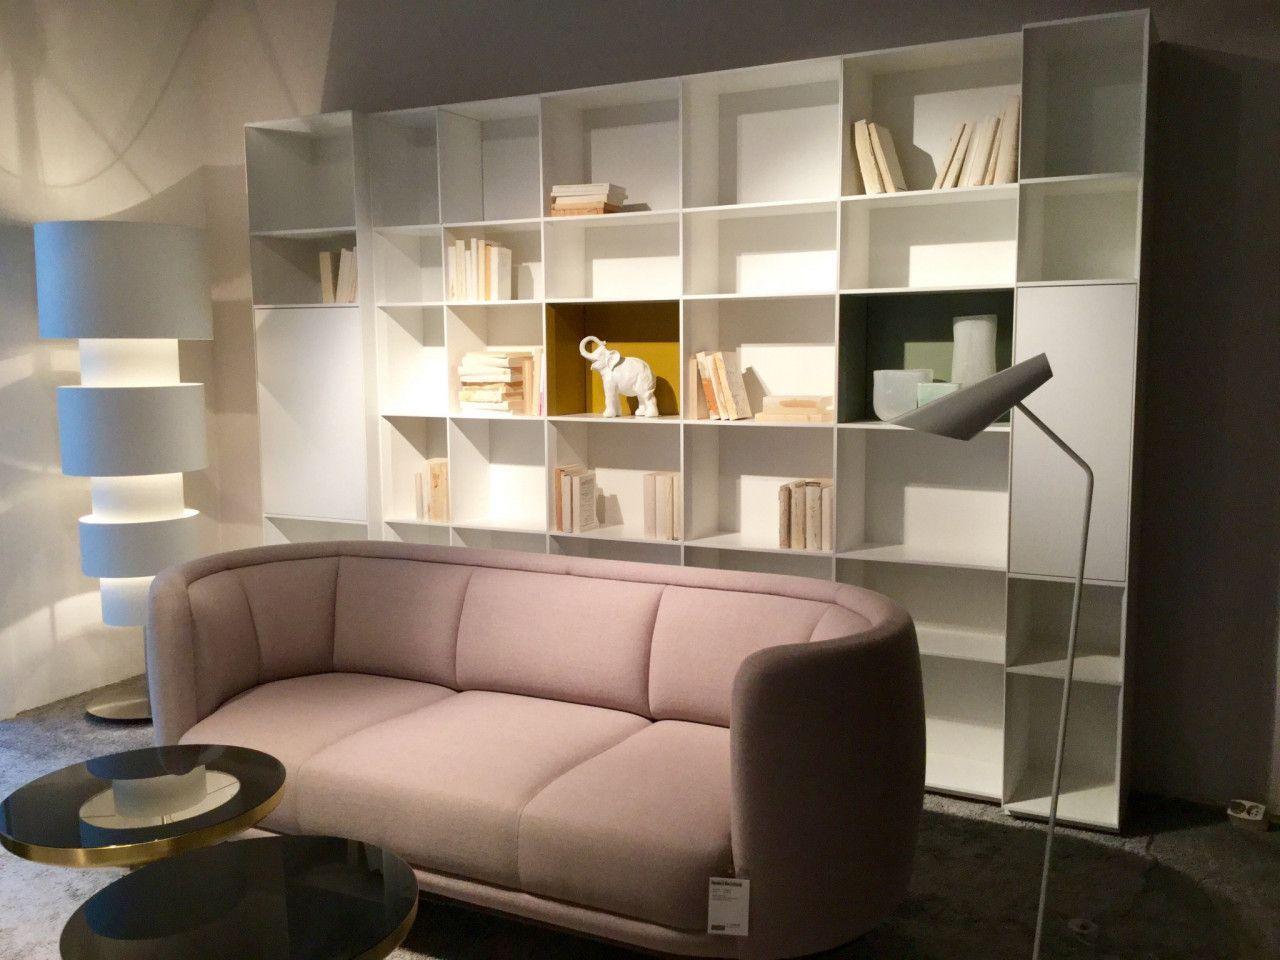 regal pur von @piure #lack #weiss #designermöbel #wohnzimmer